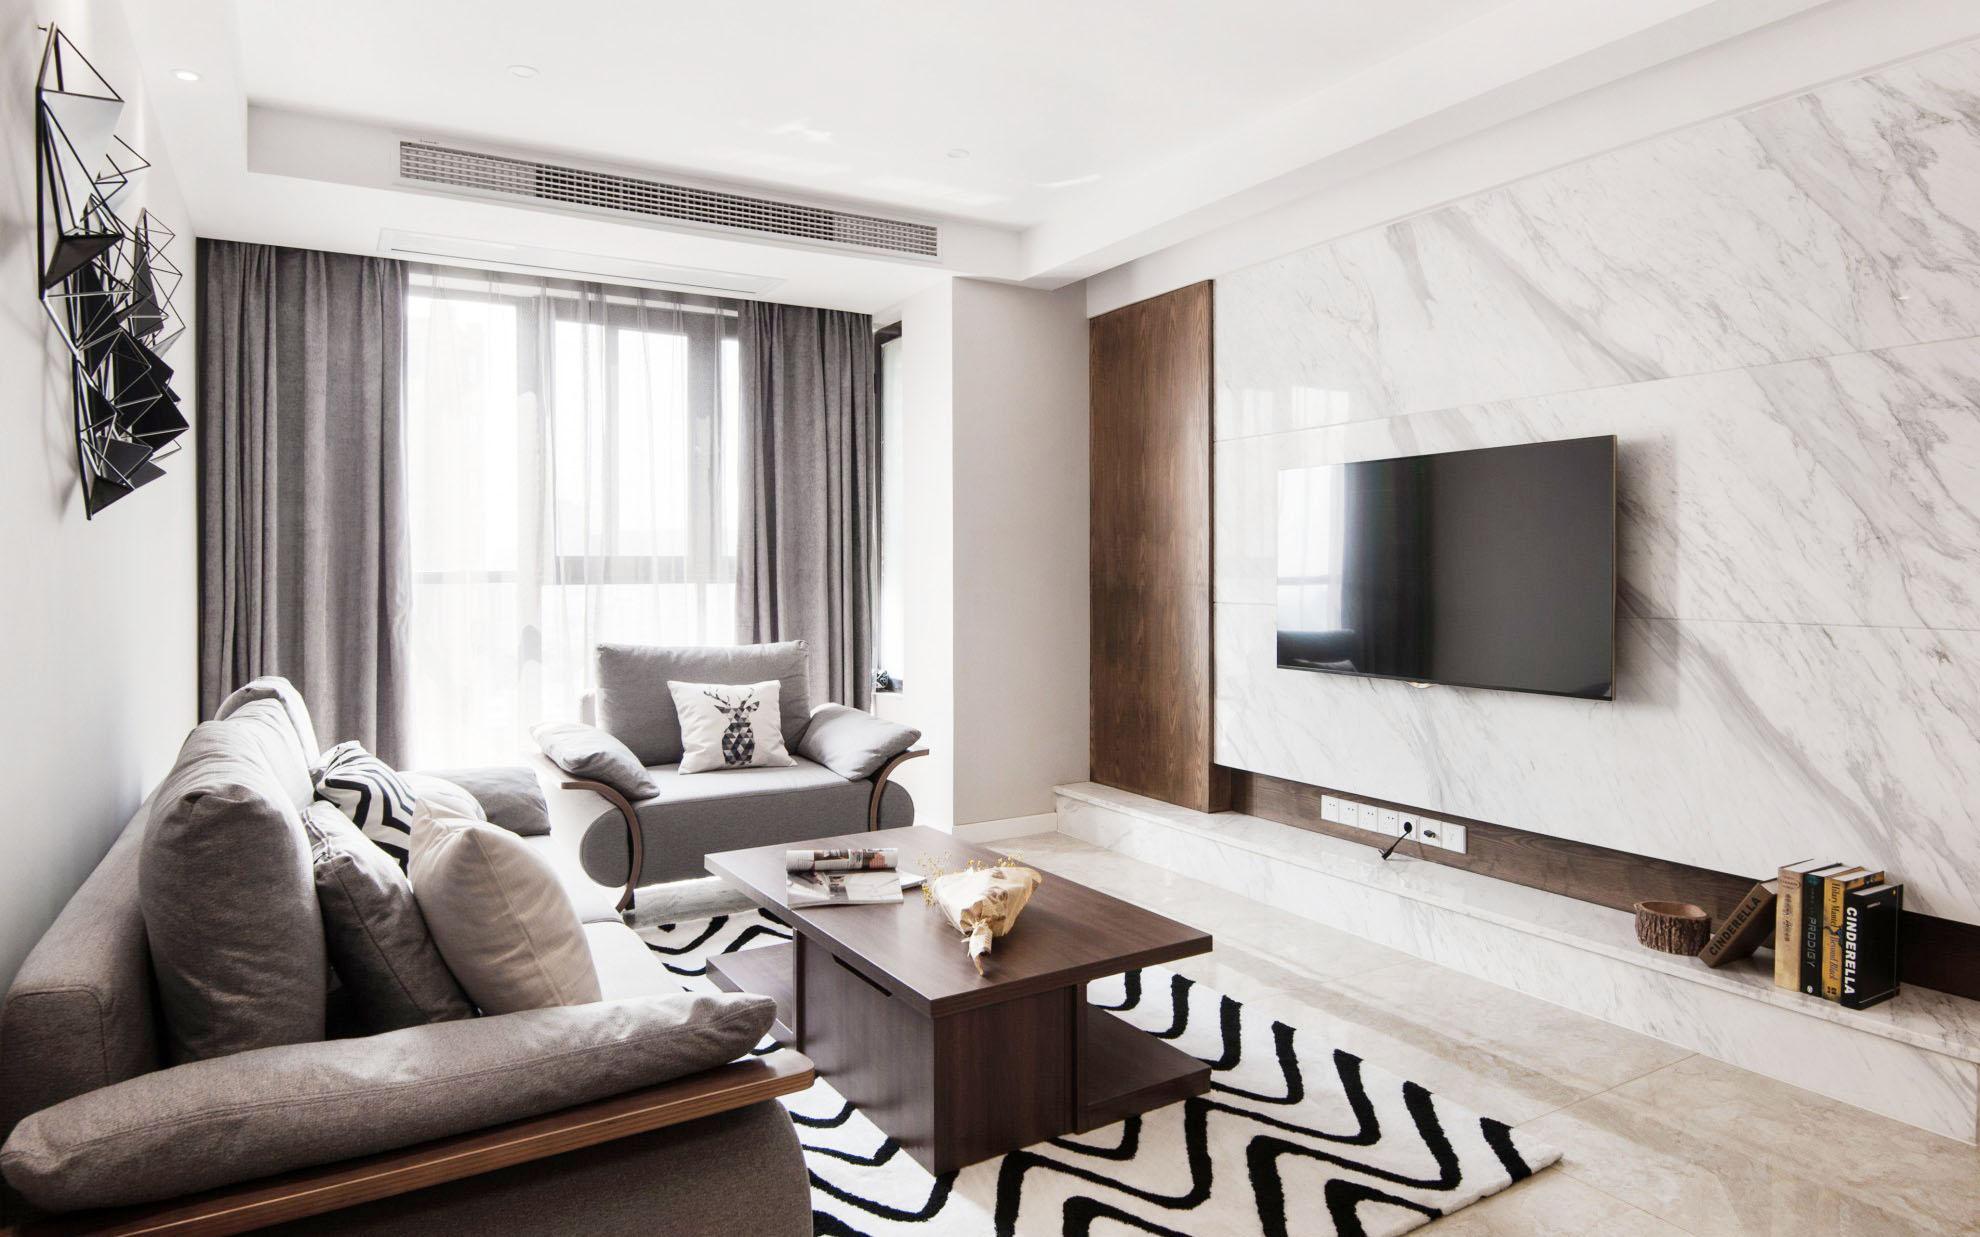 家裝現代風格最流行影視墻效果圖